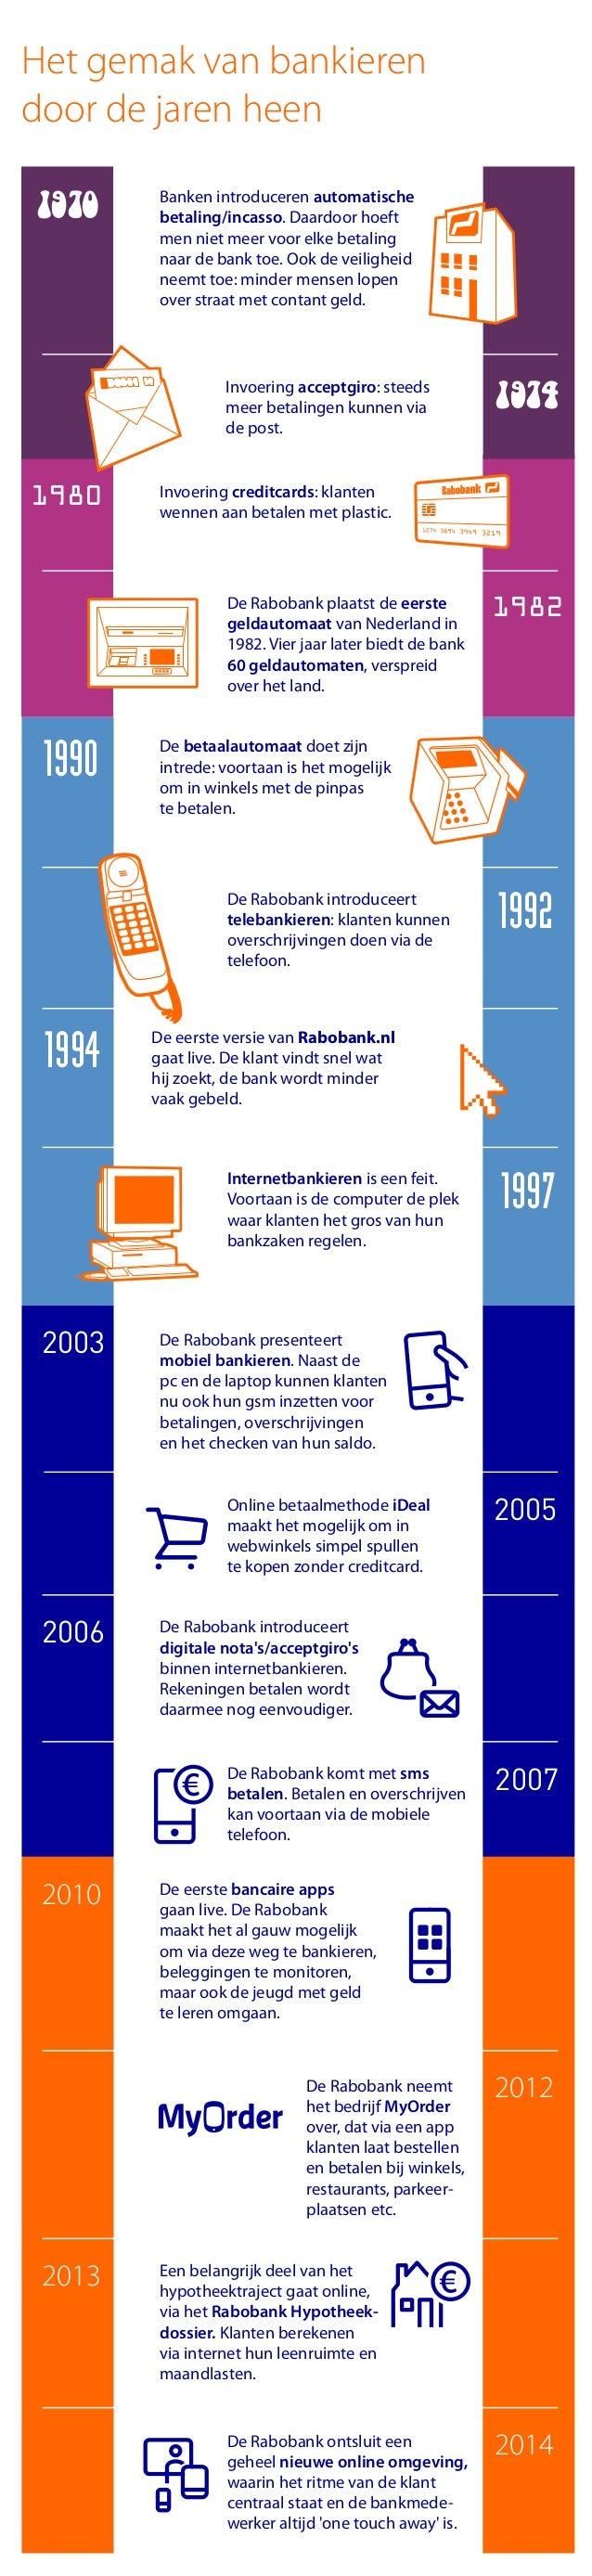 1970 1974 Banken introduceren automatische betaling/incasso. Daardoor hoeft men niet meer voor elke betaling naar de bank ...